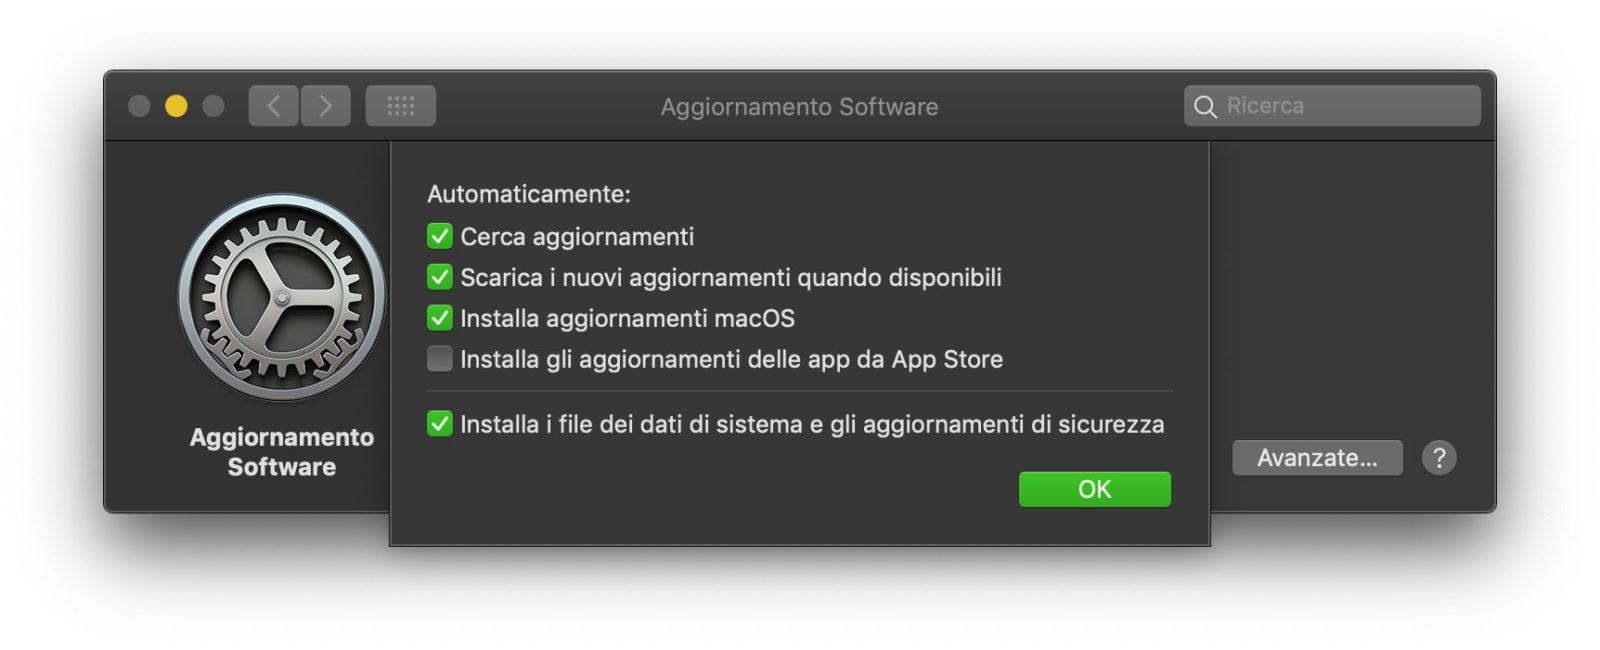 Il pannello di aggiornamento del sistema operativo